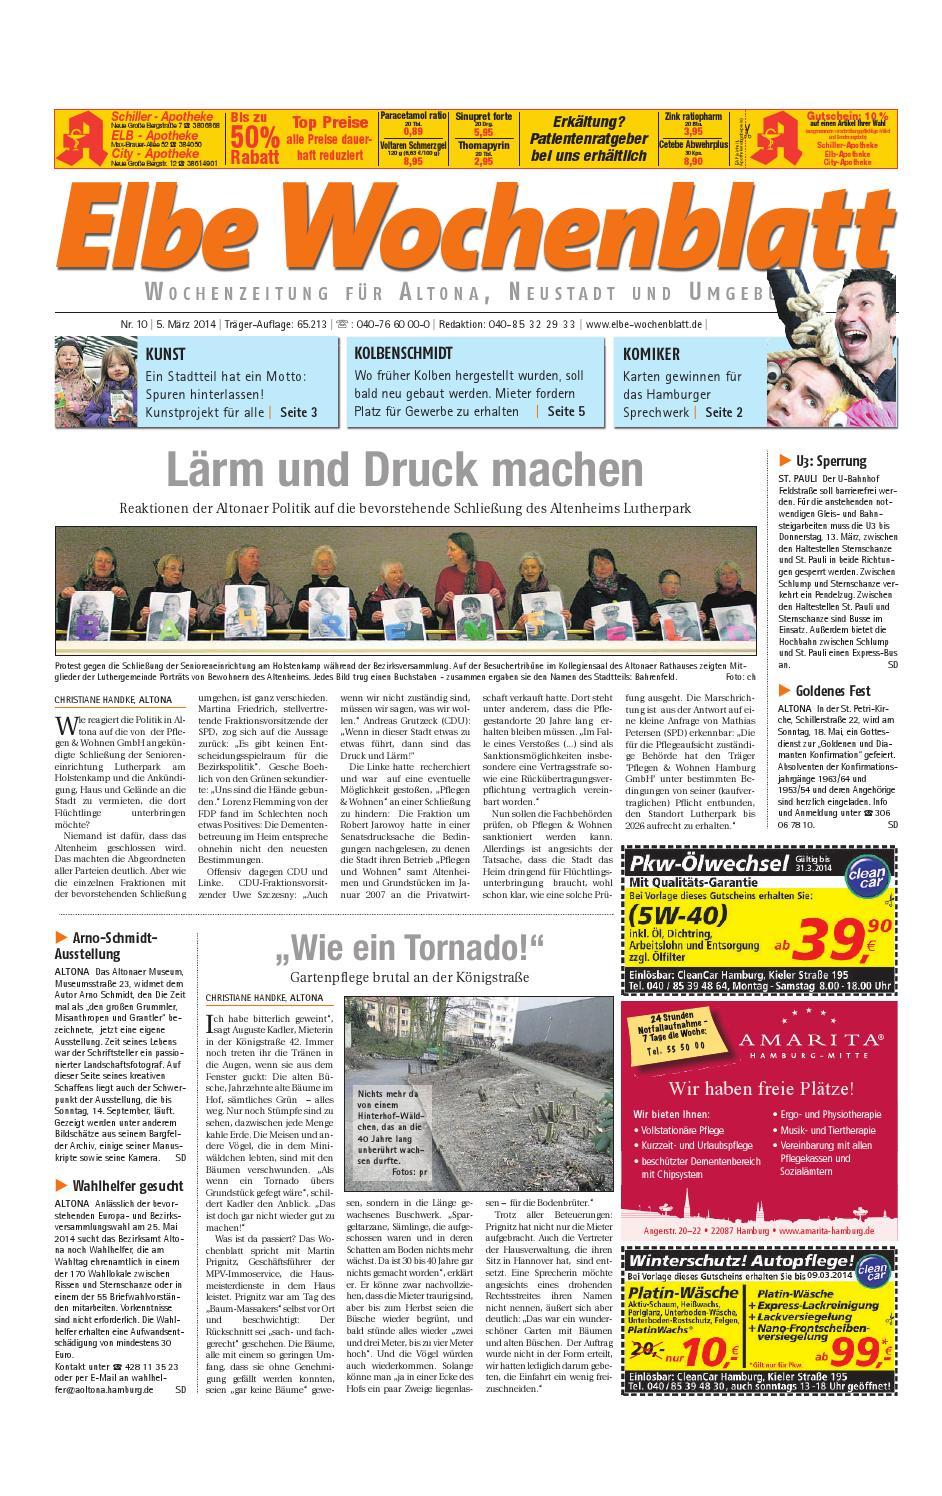 Altona Kw10 2014 By Elbe Wochenblatt Verlagsgesellschaft Mbh Cokg